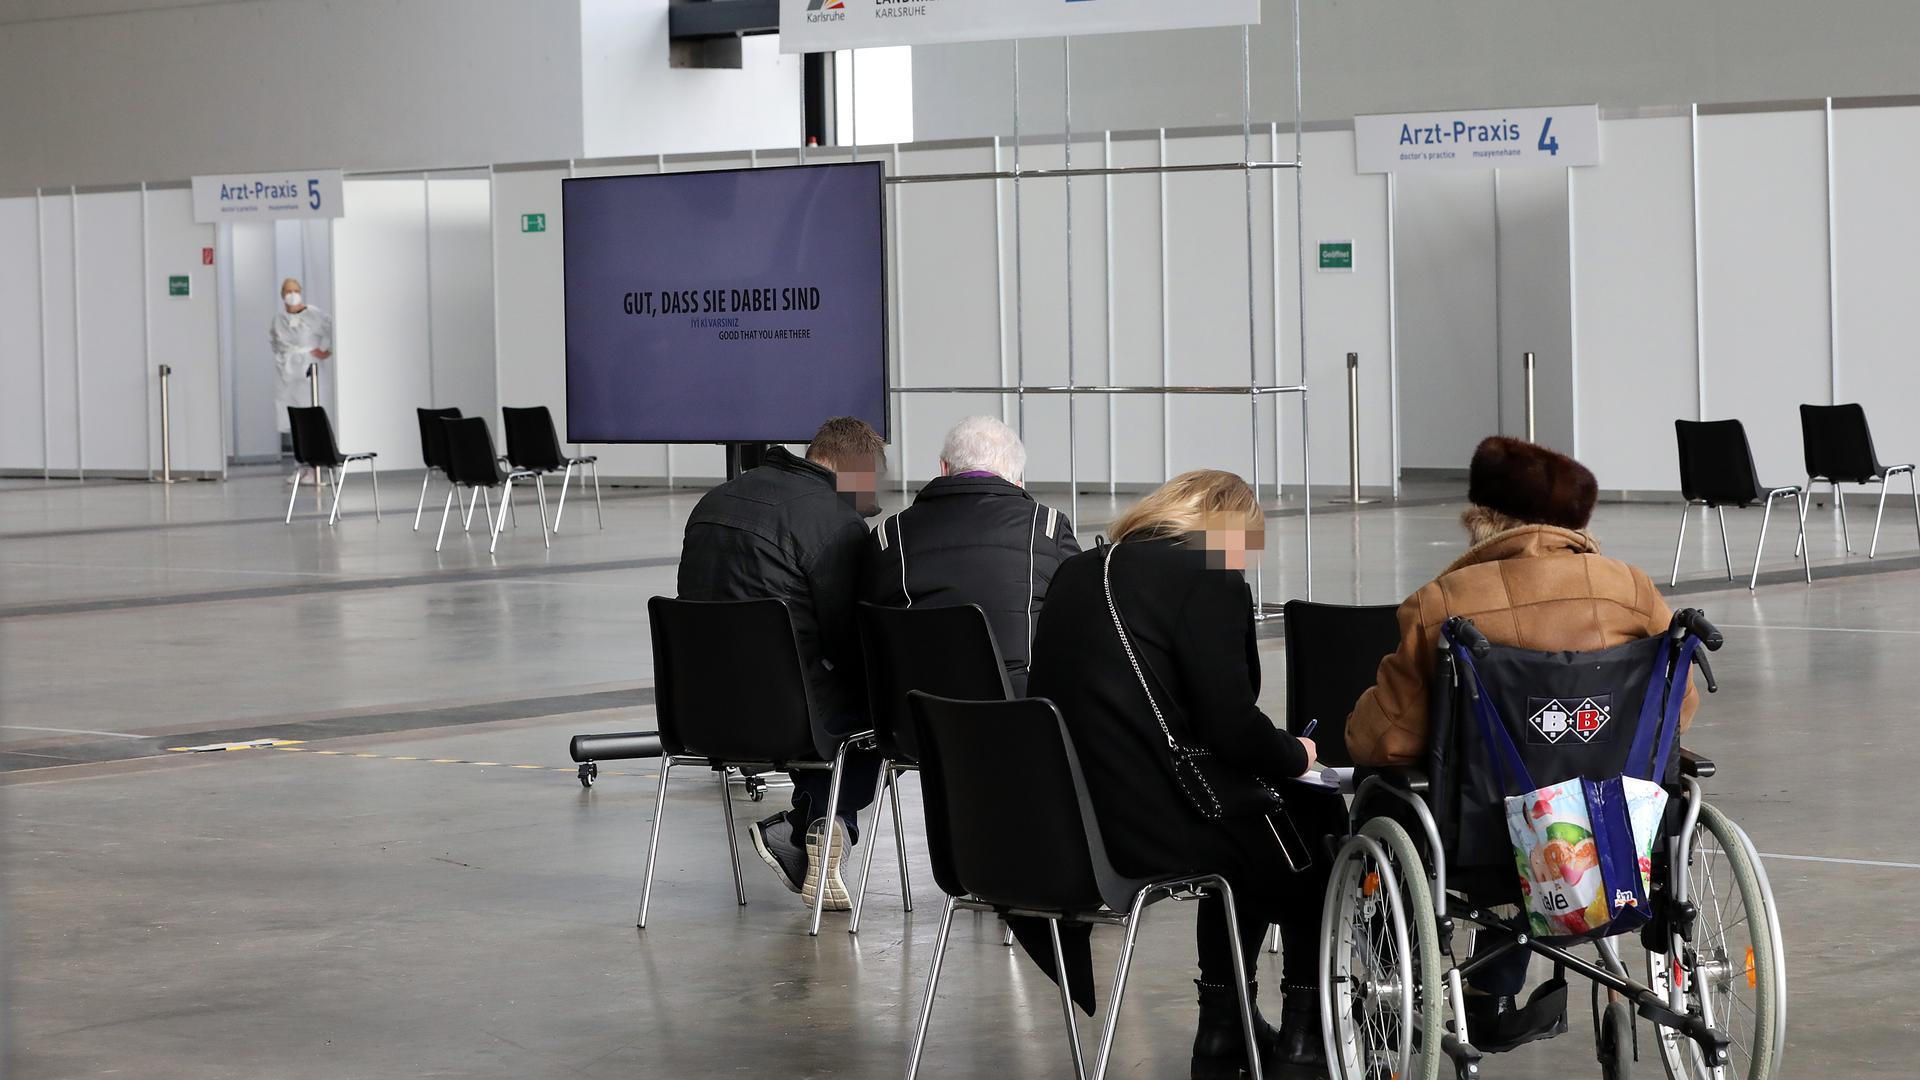 Warten auf neue Termine: Das Zentrale Impfzentrum in der Messe ist weiter lahmgelegt, noch länger soll das Impfzentrum in der Schwarzwaldhalle pausieren. Hintergrund ist immer der Mangel an Impfstoff